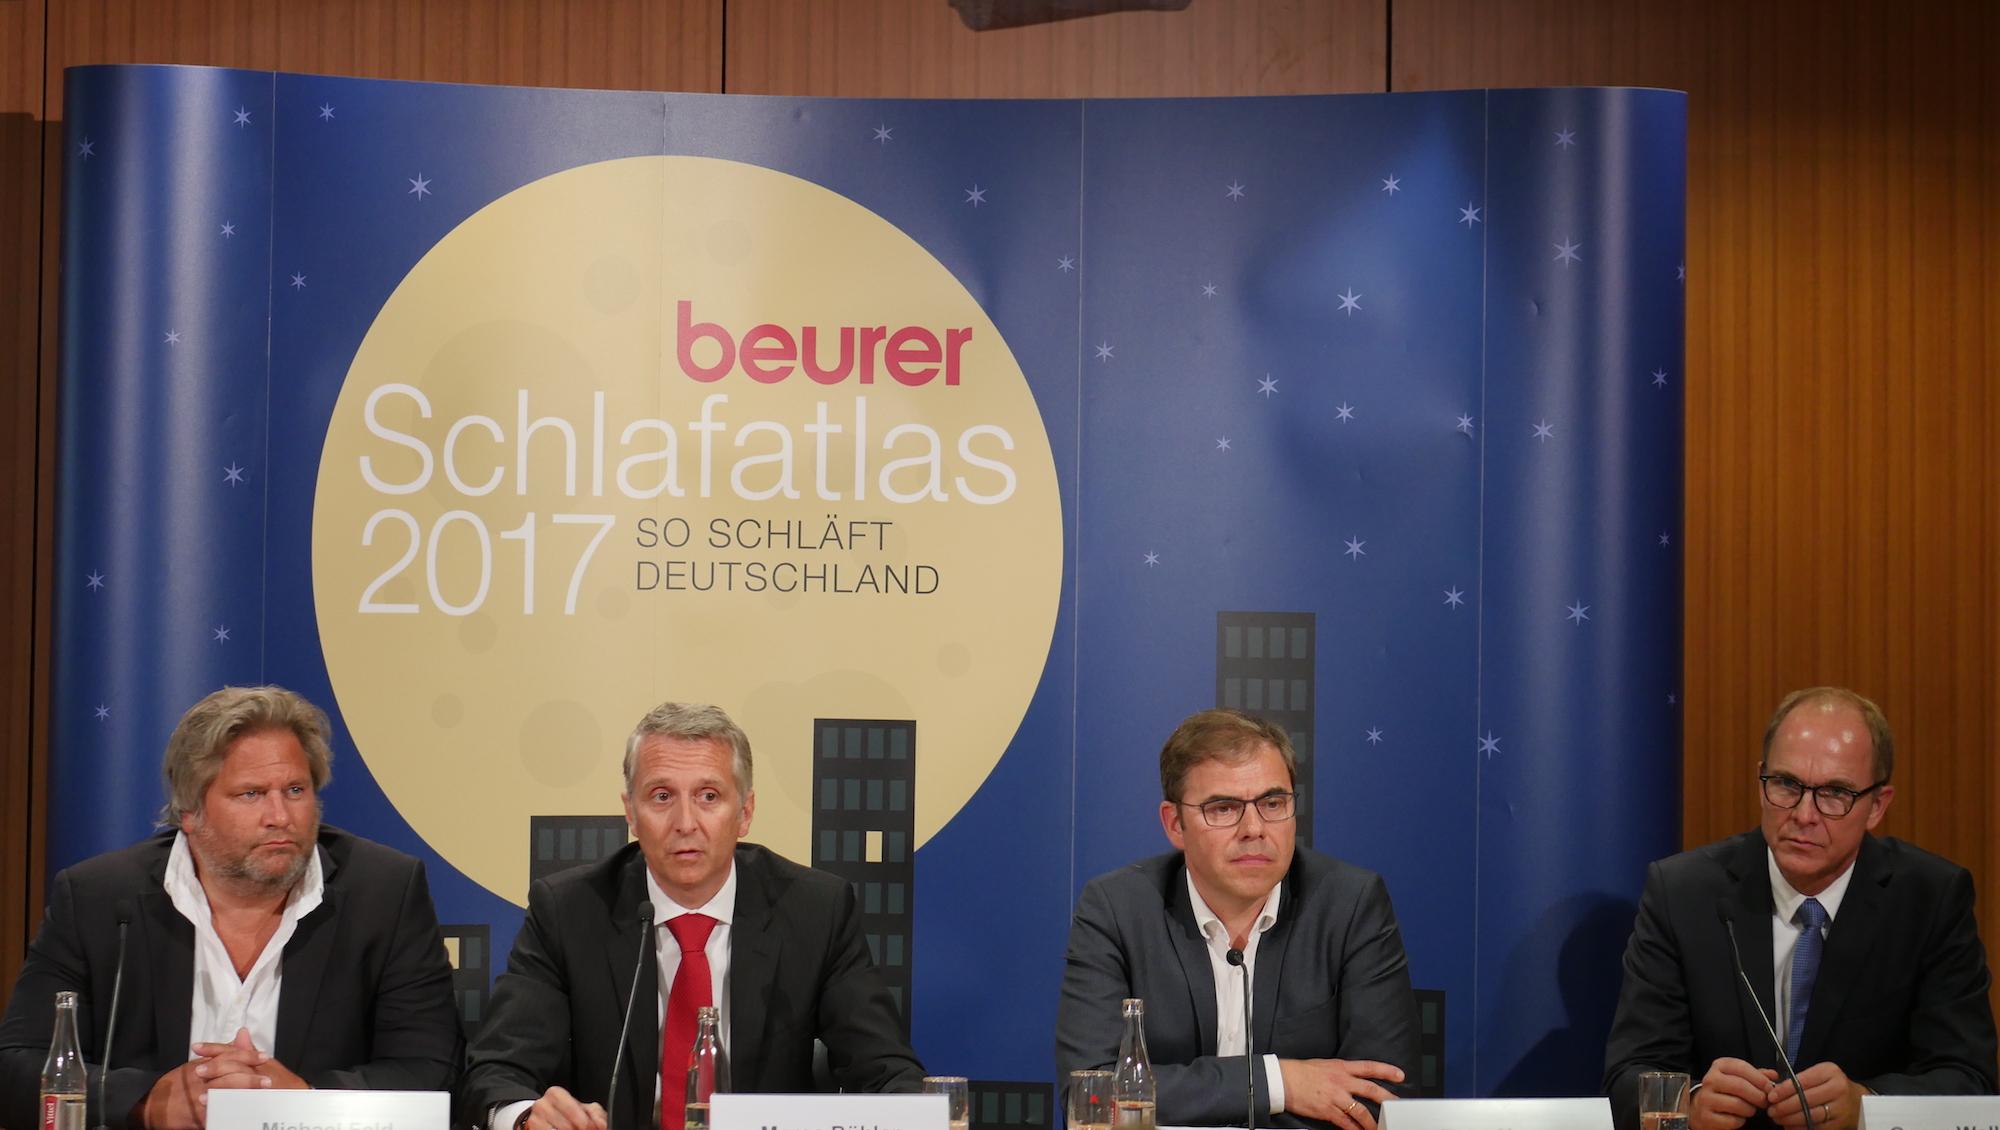 Der Beurer Schlafatlas 2017 Geht Der Frage Nach Wie Gut Schläft